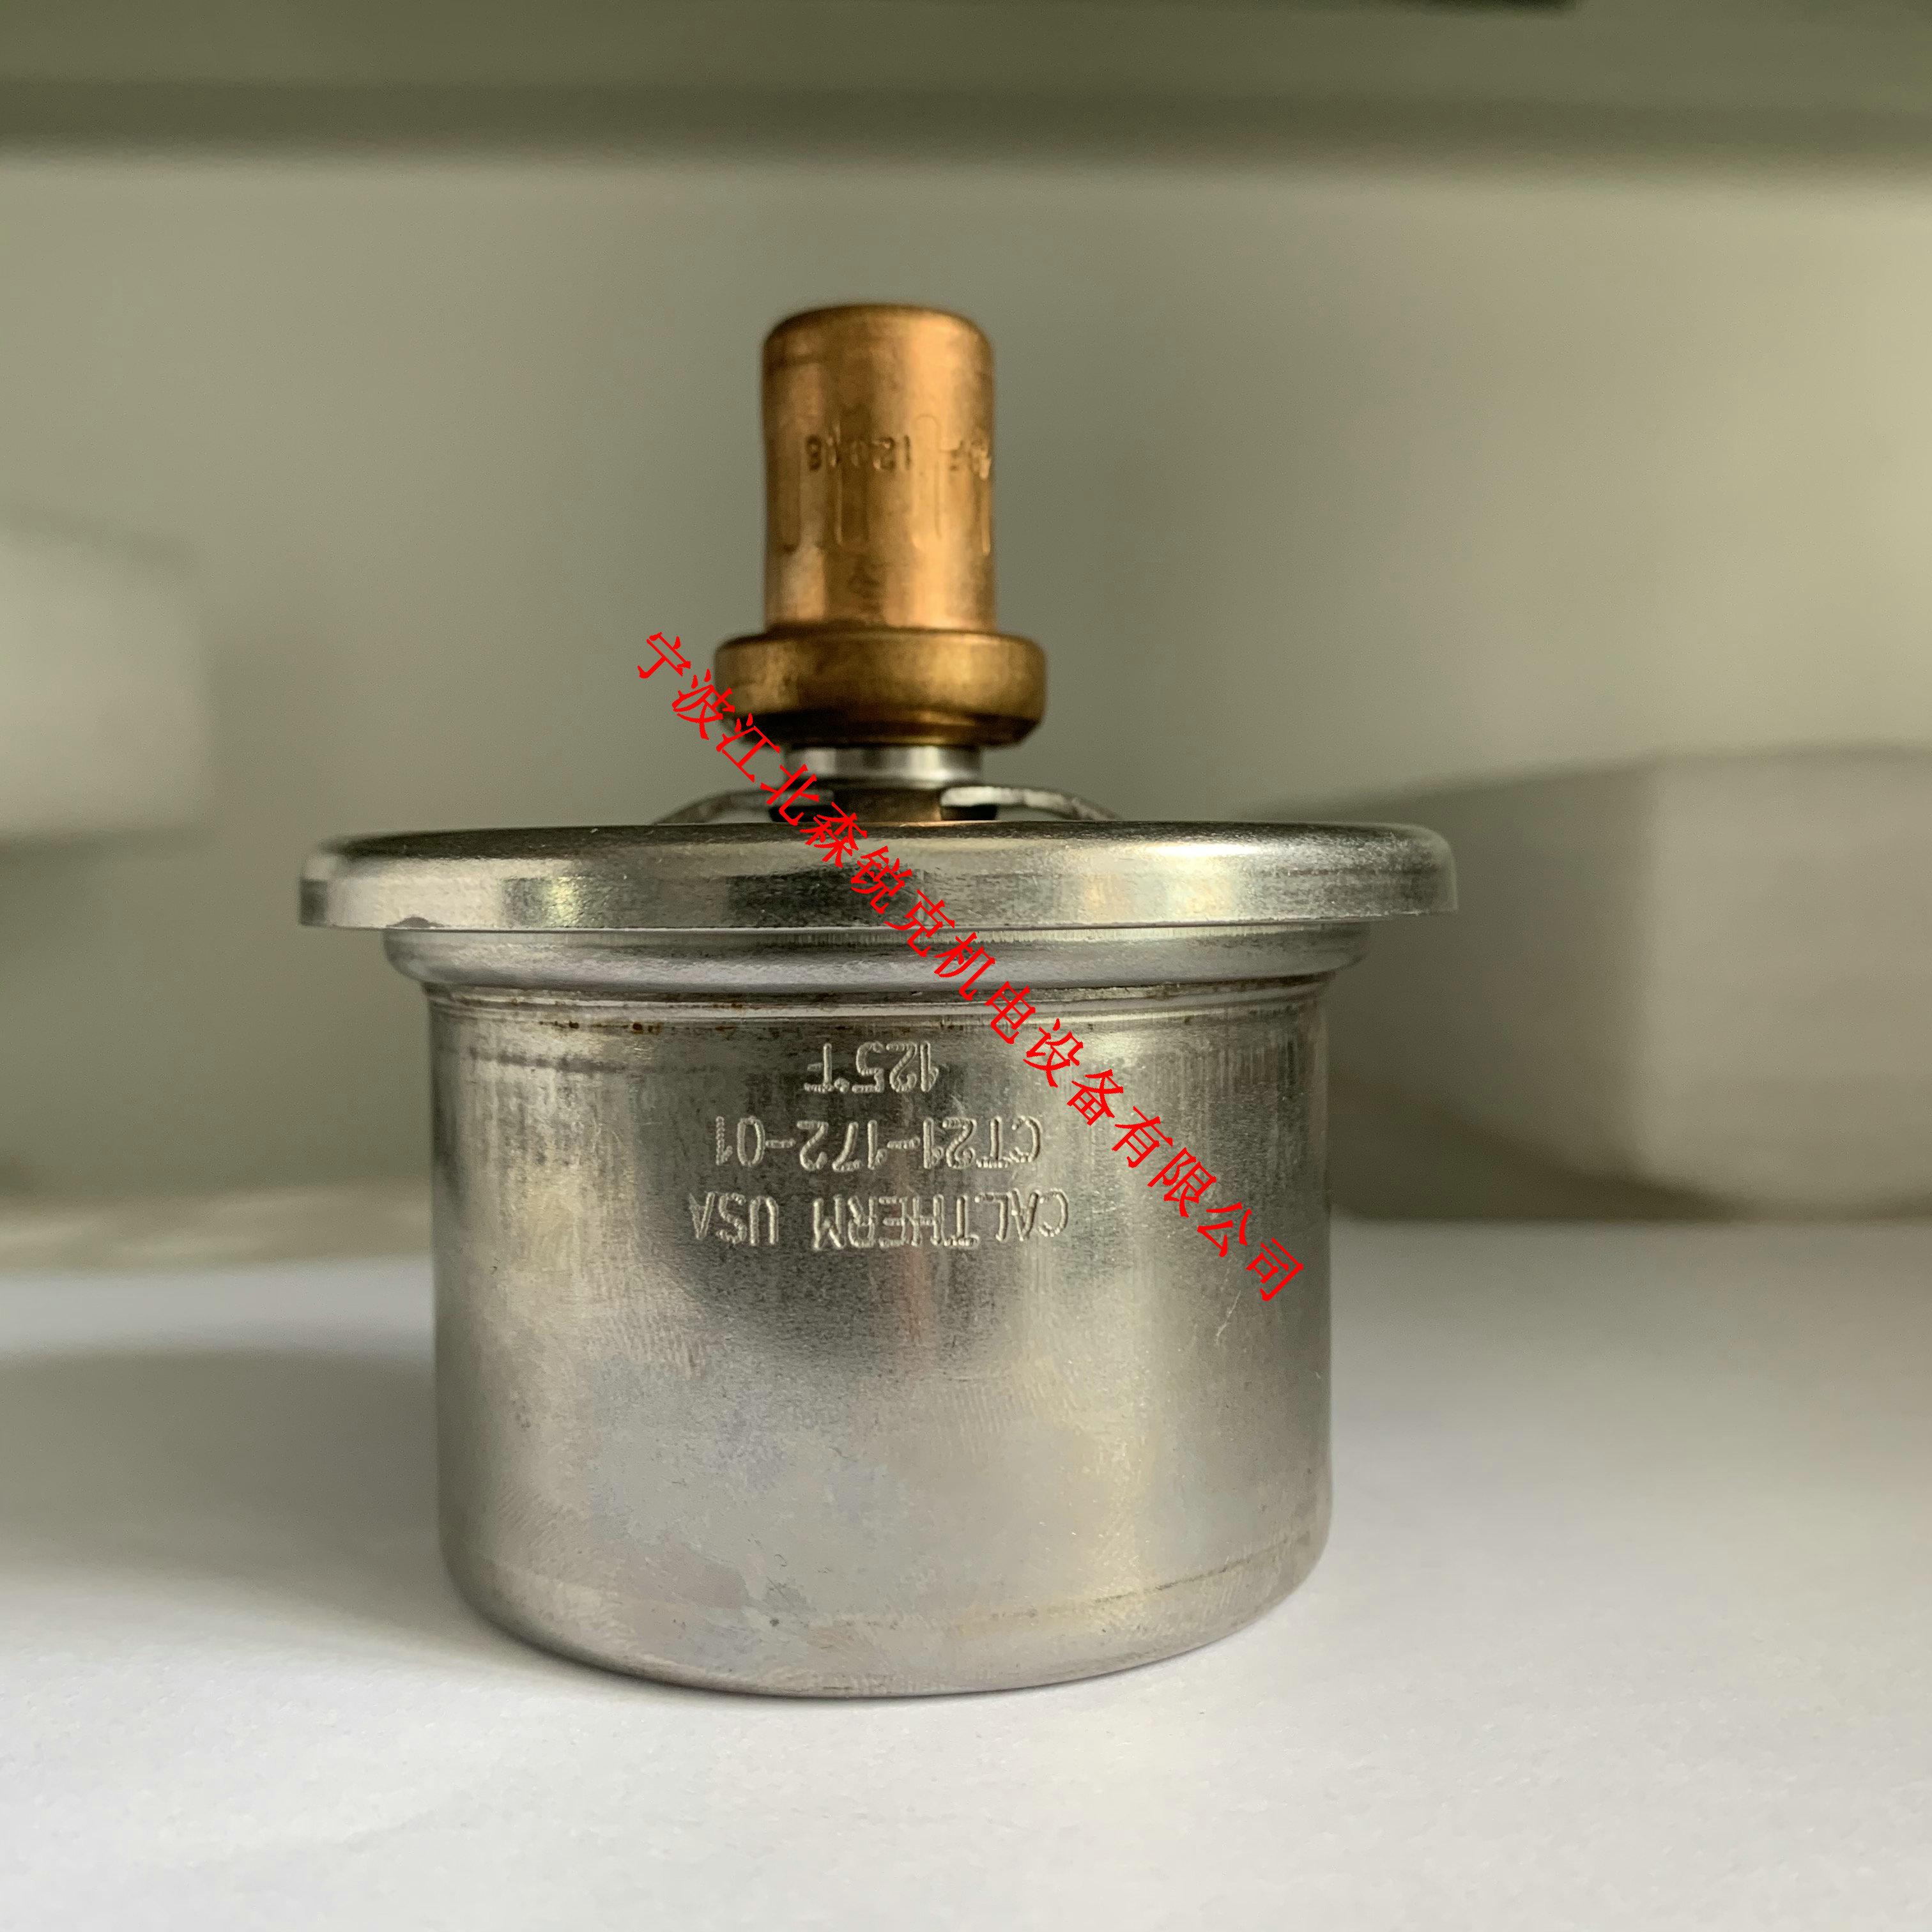 الهواء ضاغط صمام التحكم الحرارية CT2100-03 Caltherm التحكم في درجة الحرارة درجة الحرارة الأساسية التحكم CT21-172-01